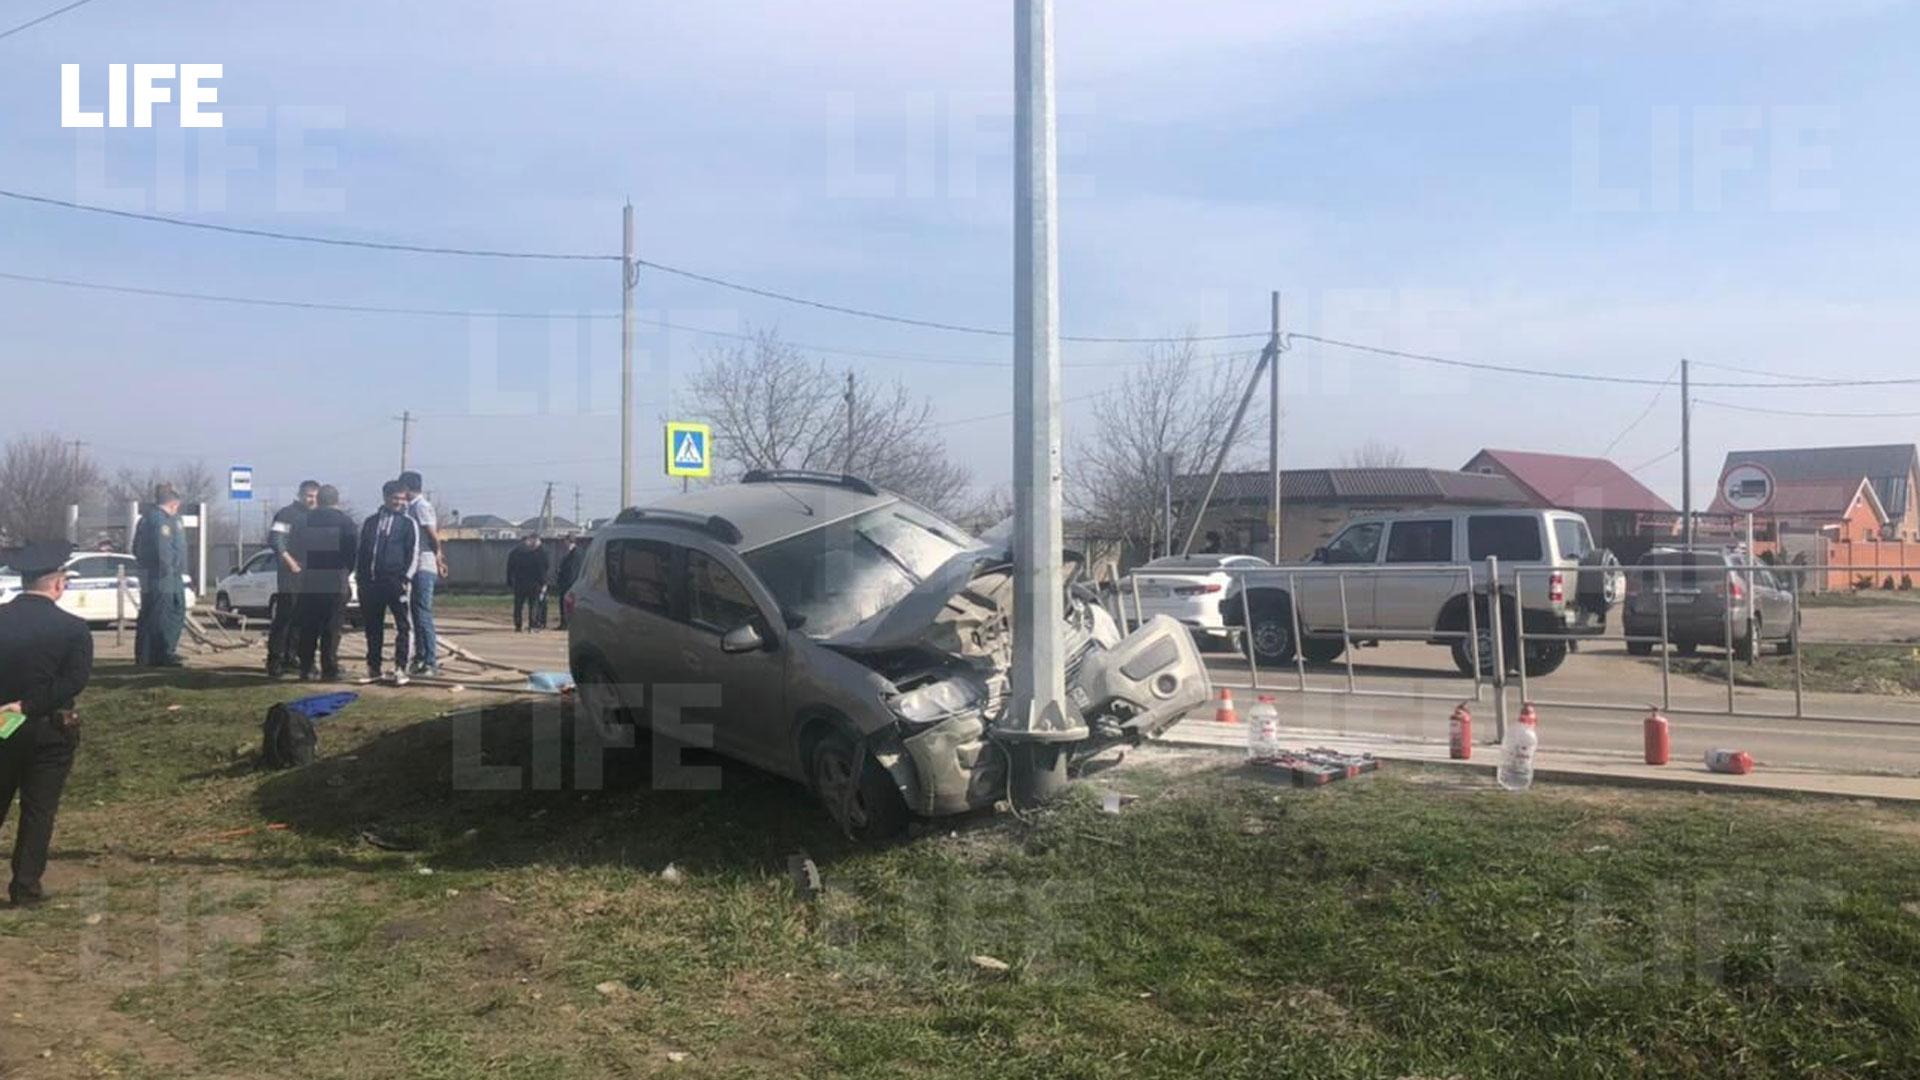 Разбитый автомобиль после ДТП. Фото © LIFE